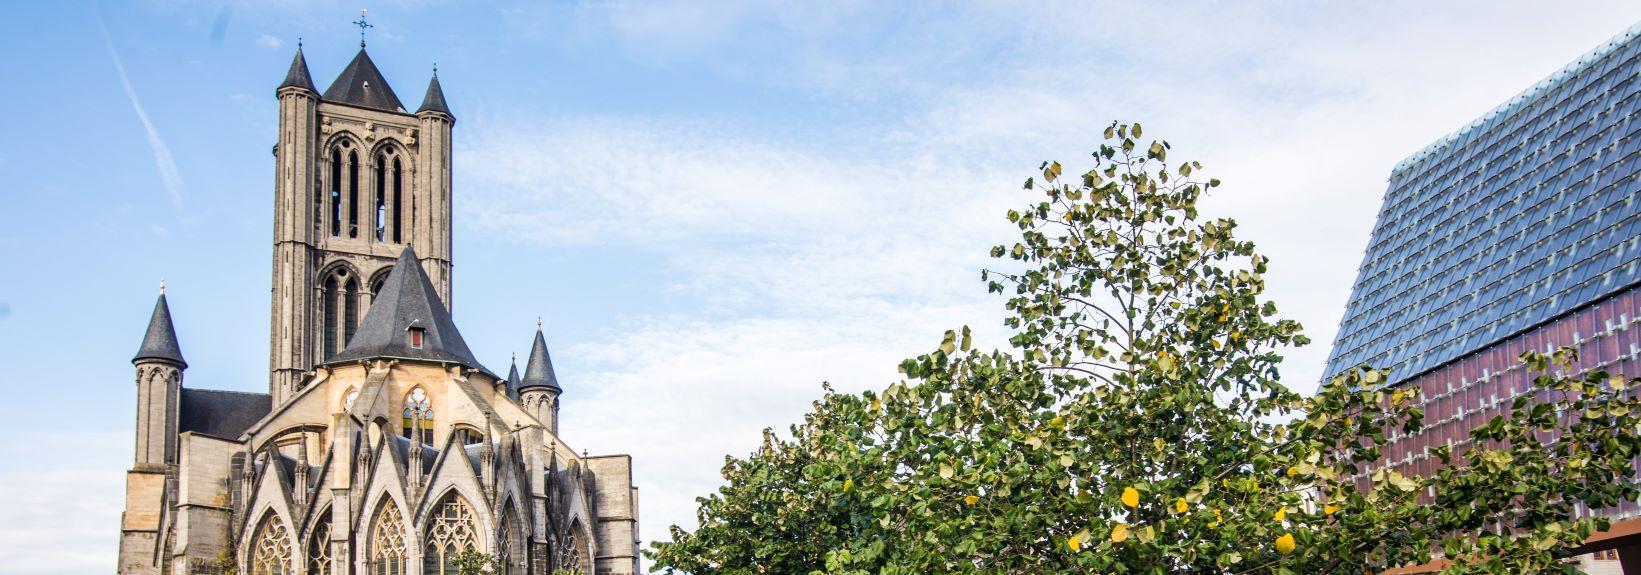 <h2>Toerisme</h2><div>Een duurzaam en kwalitatief toeristisch aanbod in een leefbaar en bruisend Gent.</div>